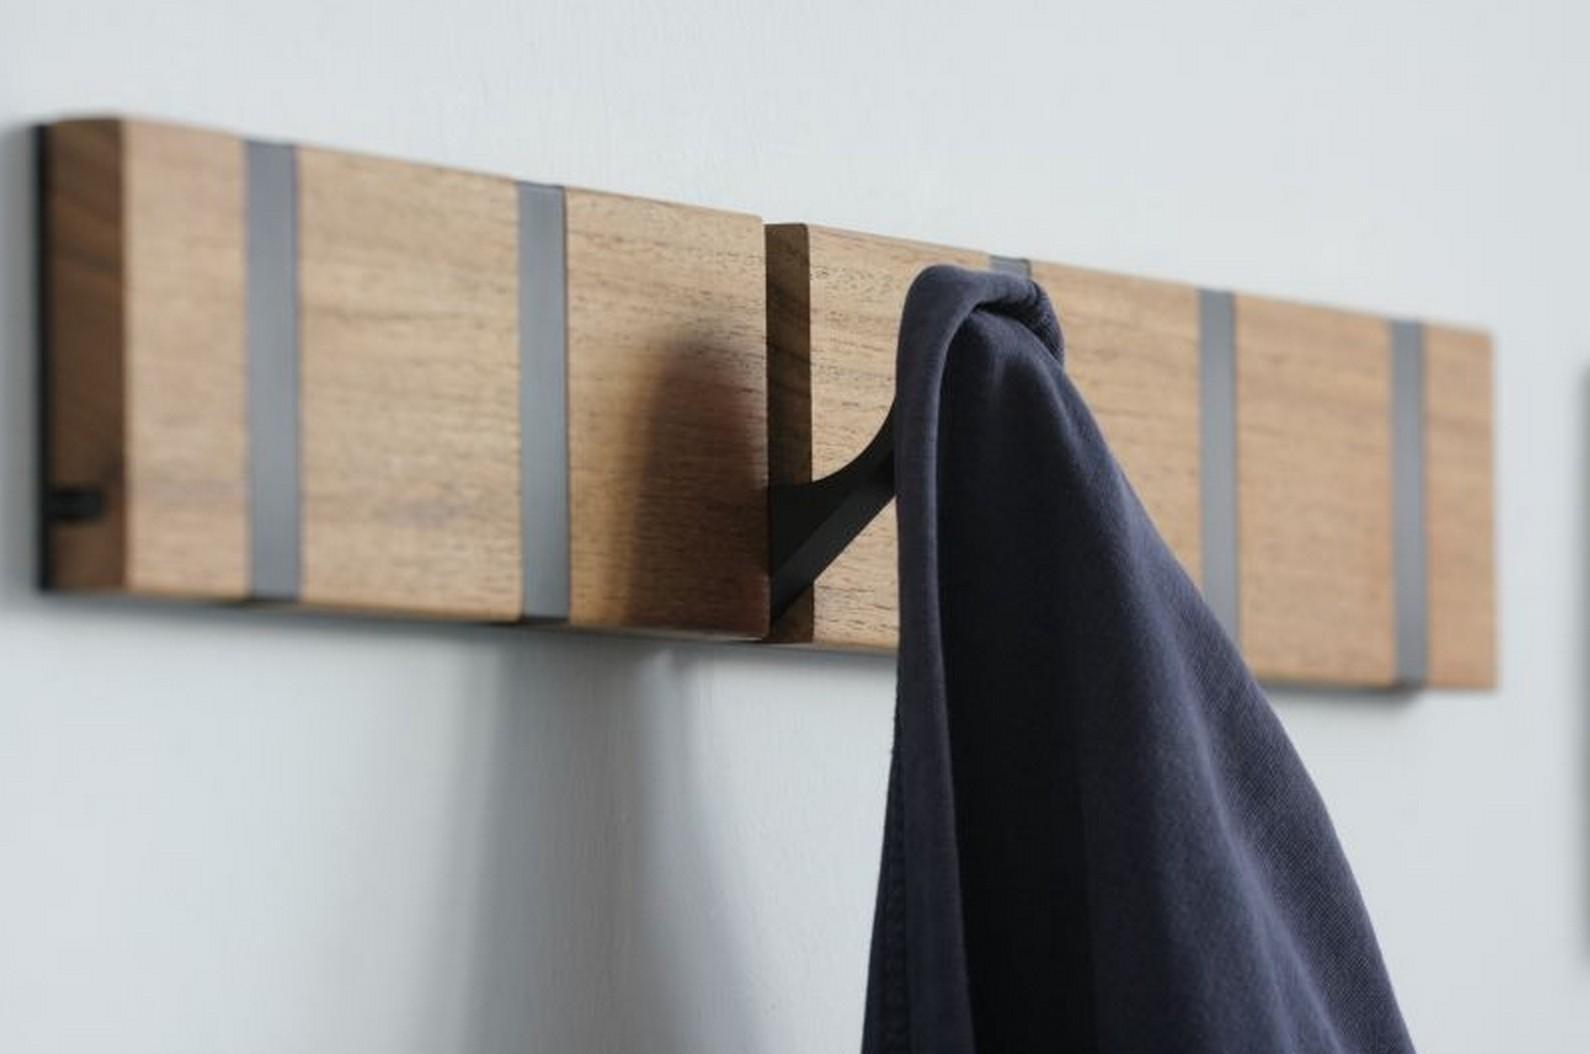 Porte manteaux r tractable knax par loca blog d co design for Loca meuble henri bourassa